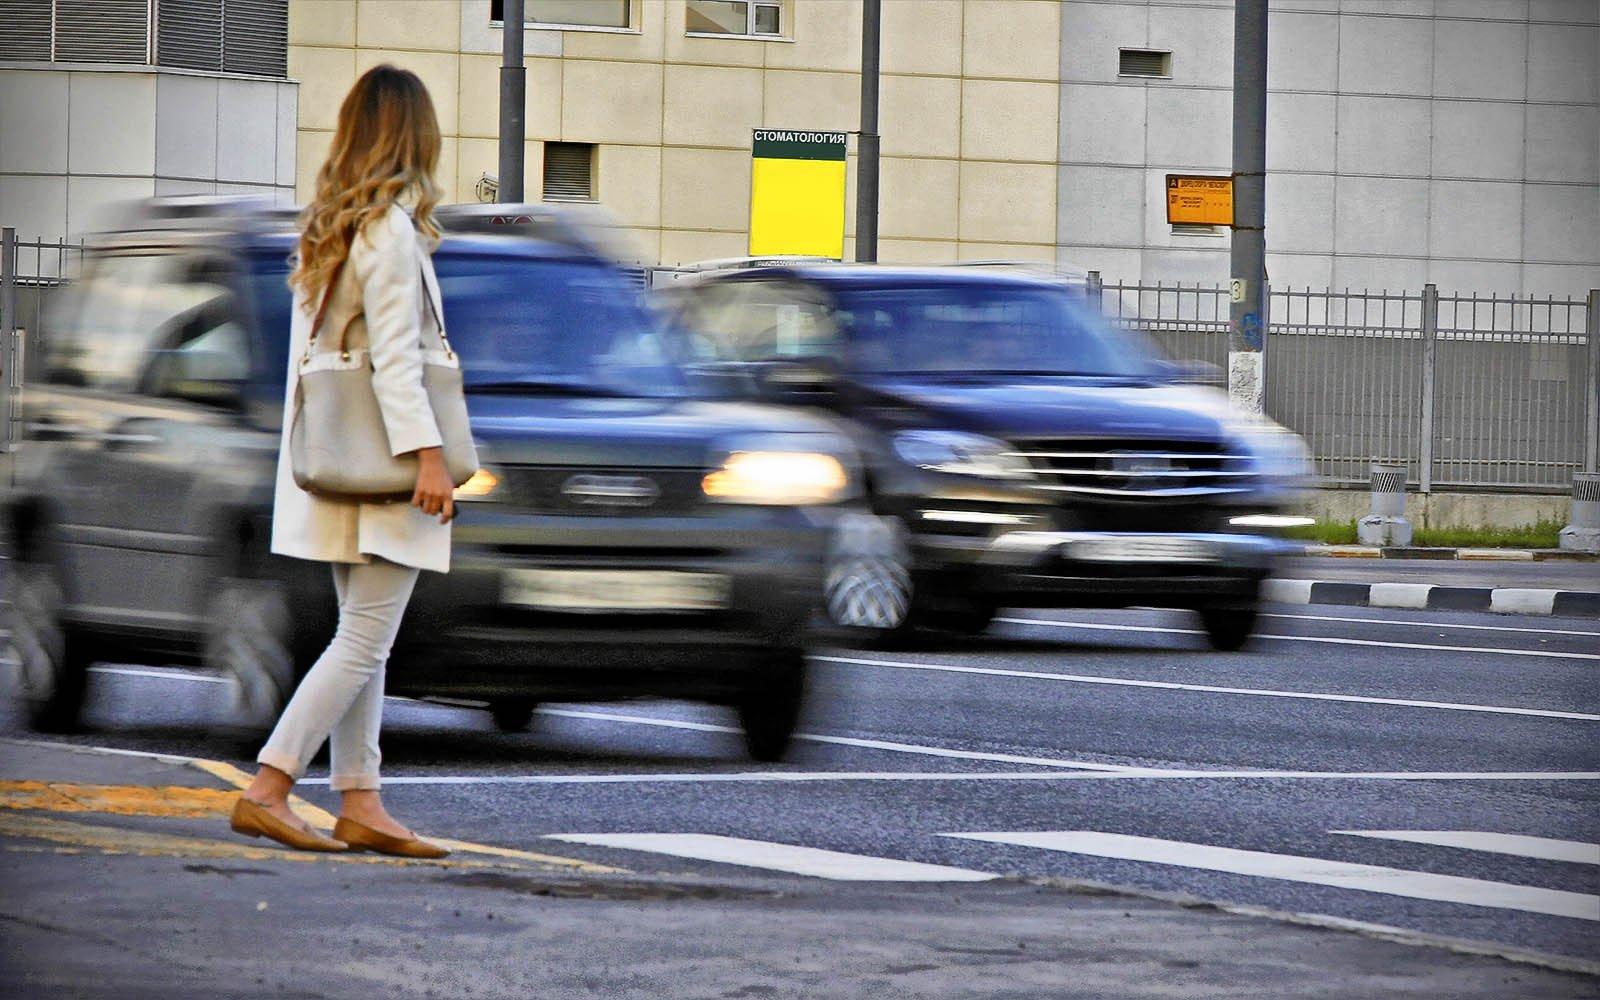 Как оспорить штраф гибдд за пешехода в 2020 году, образец жалобы